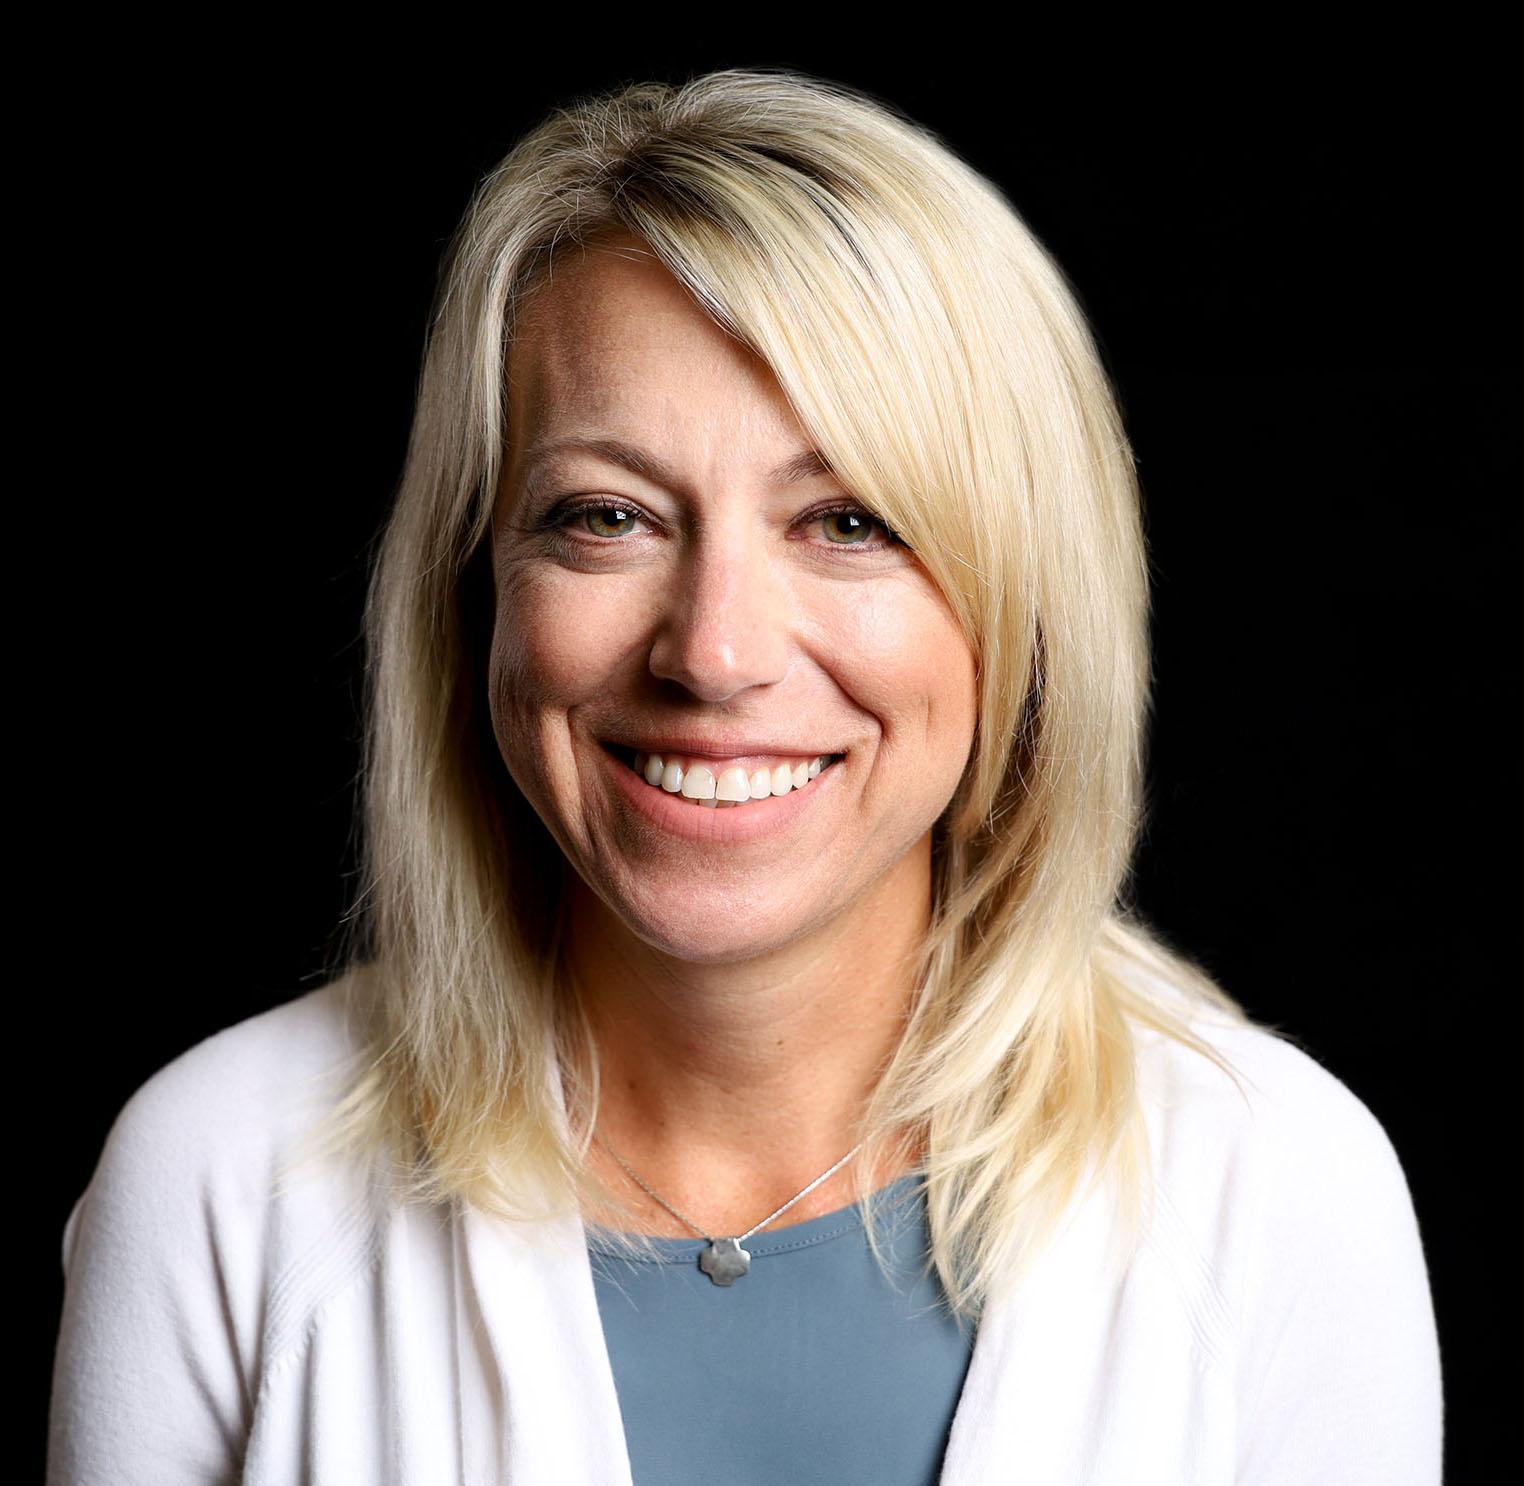 Angie Schmidt